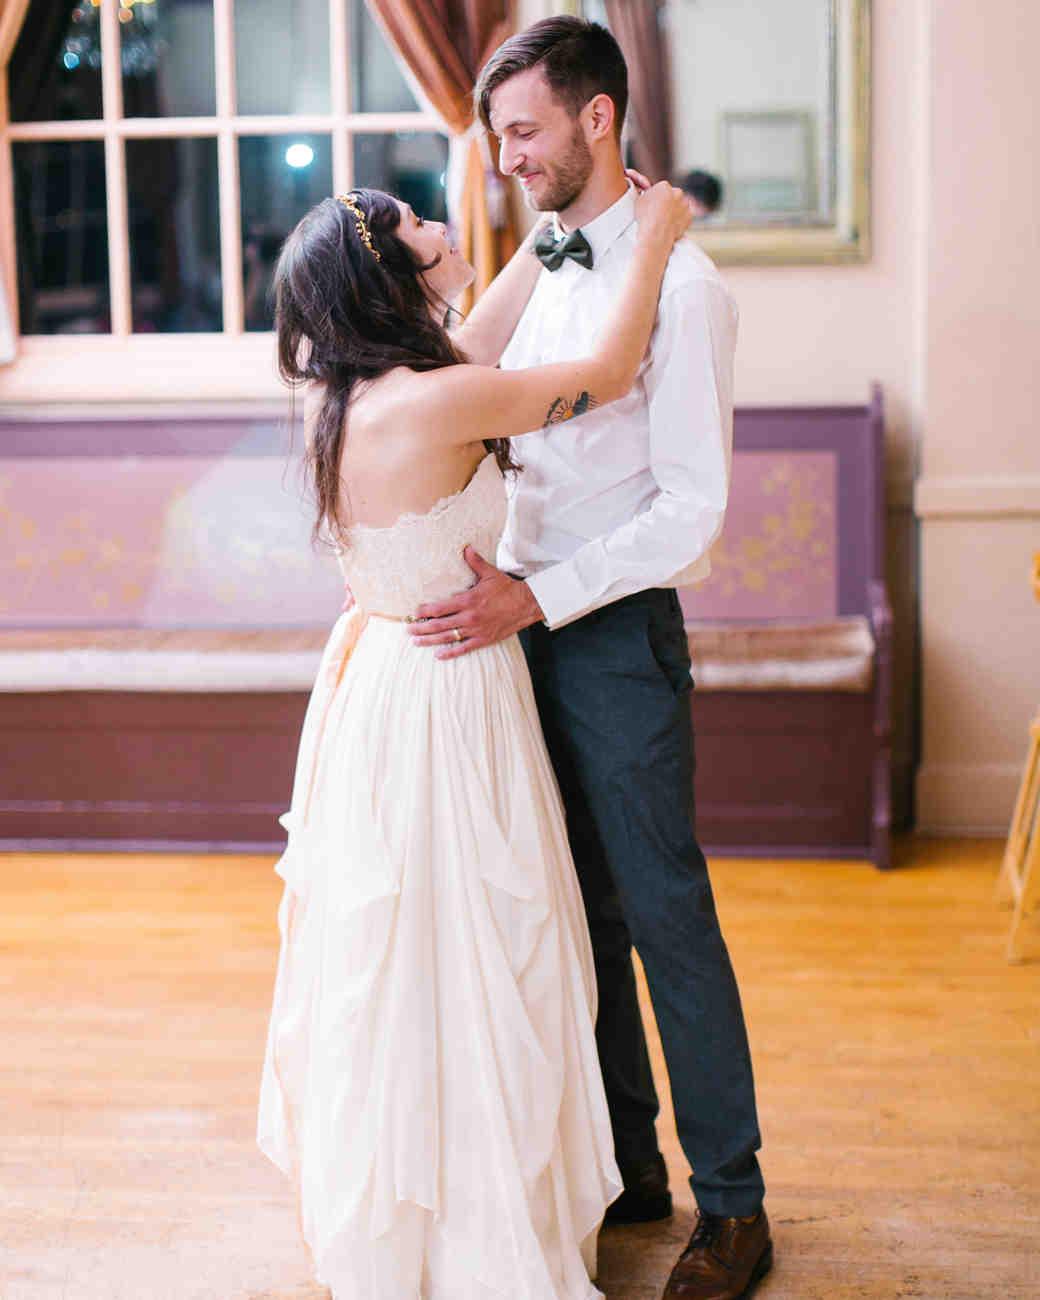 marguerita-aaron-wedding-dance-439-s111848-0214.jpg